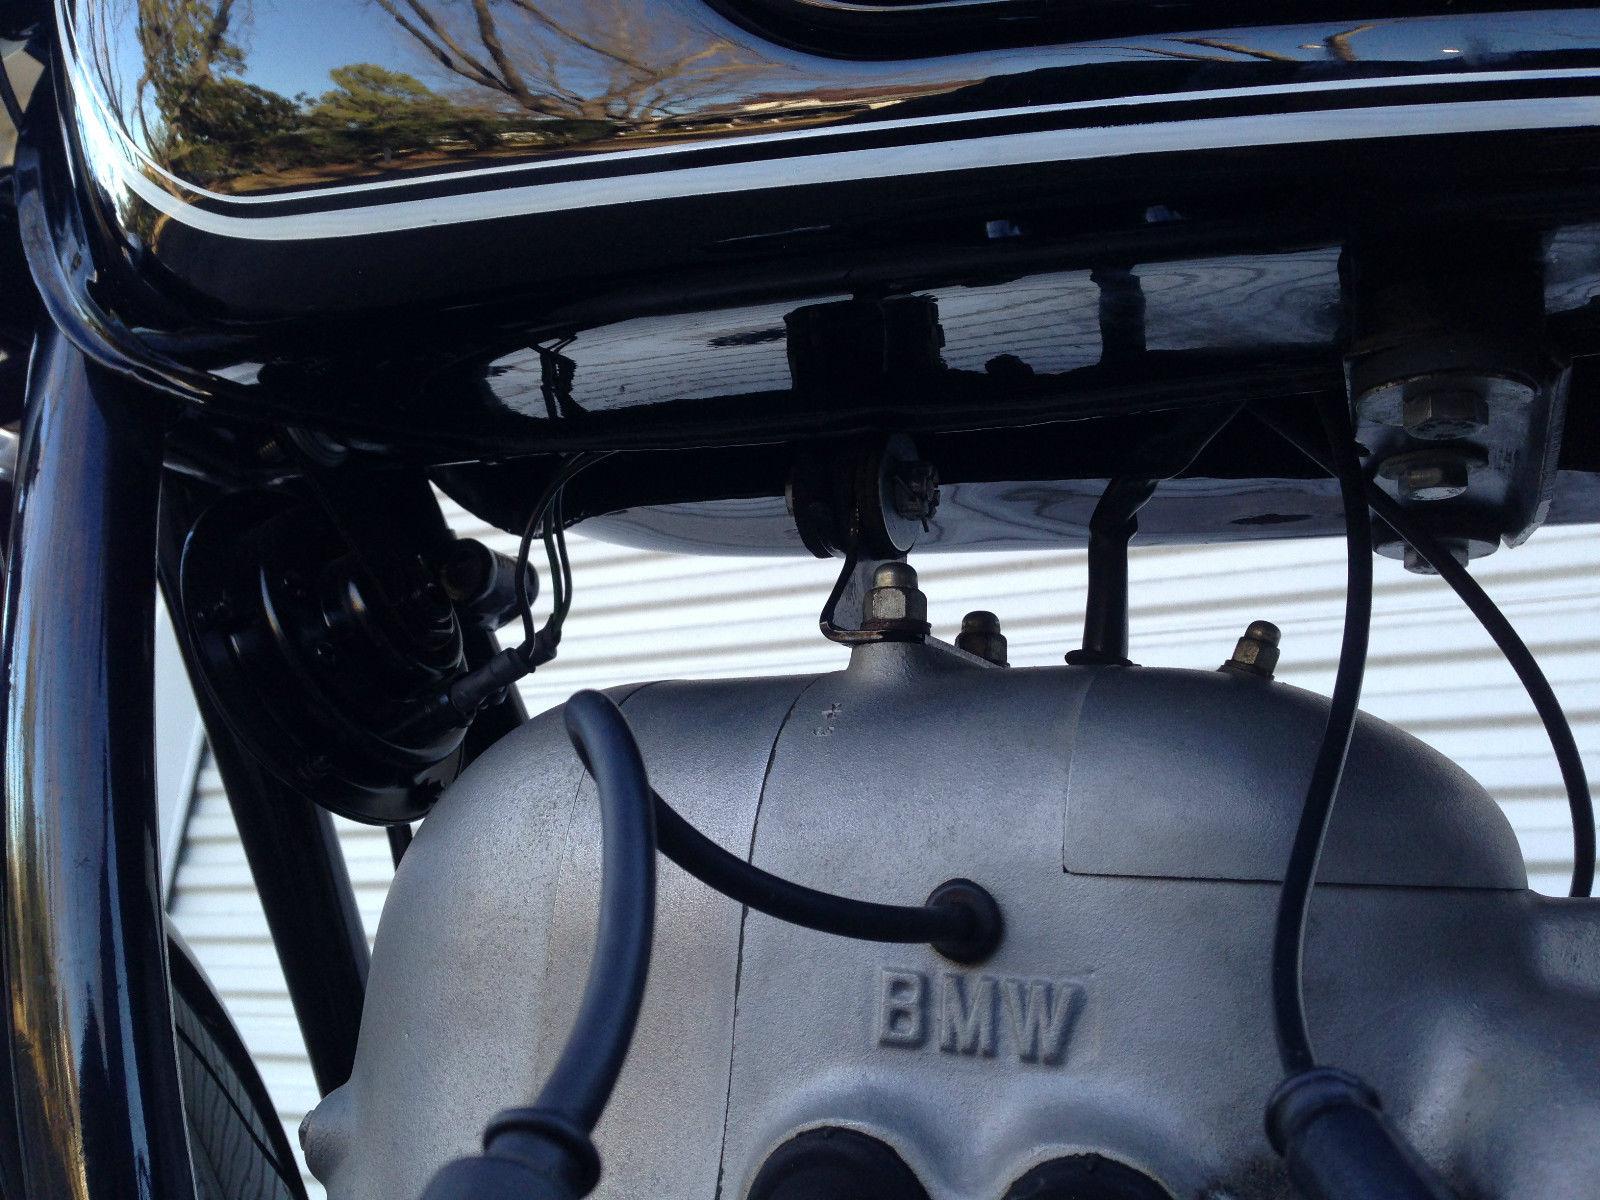 BMW R60/2 - 1967 - BMW Engine Cases, Plug Lead and Gas Tank.